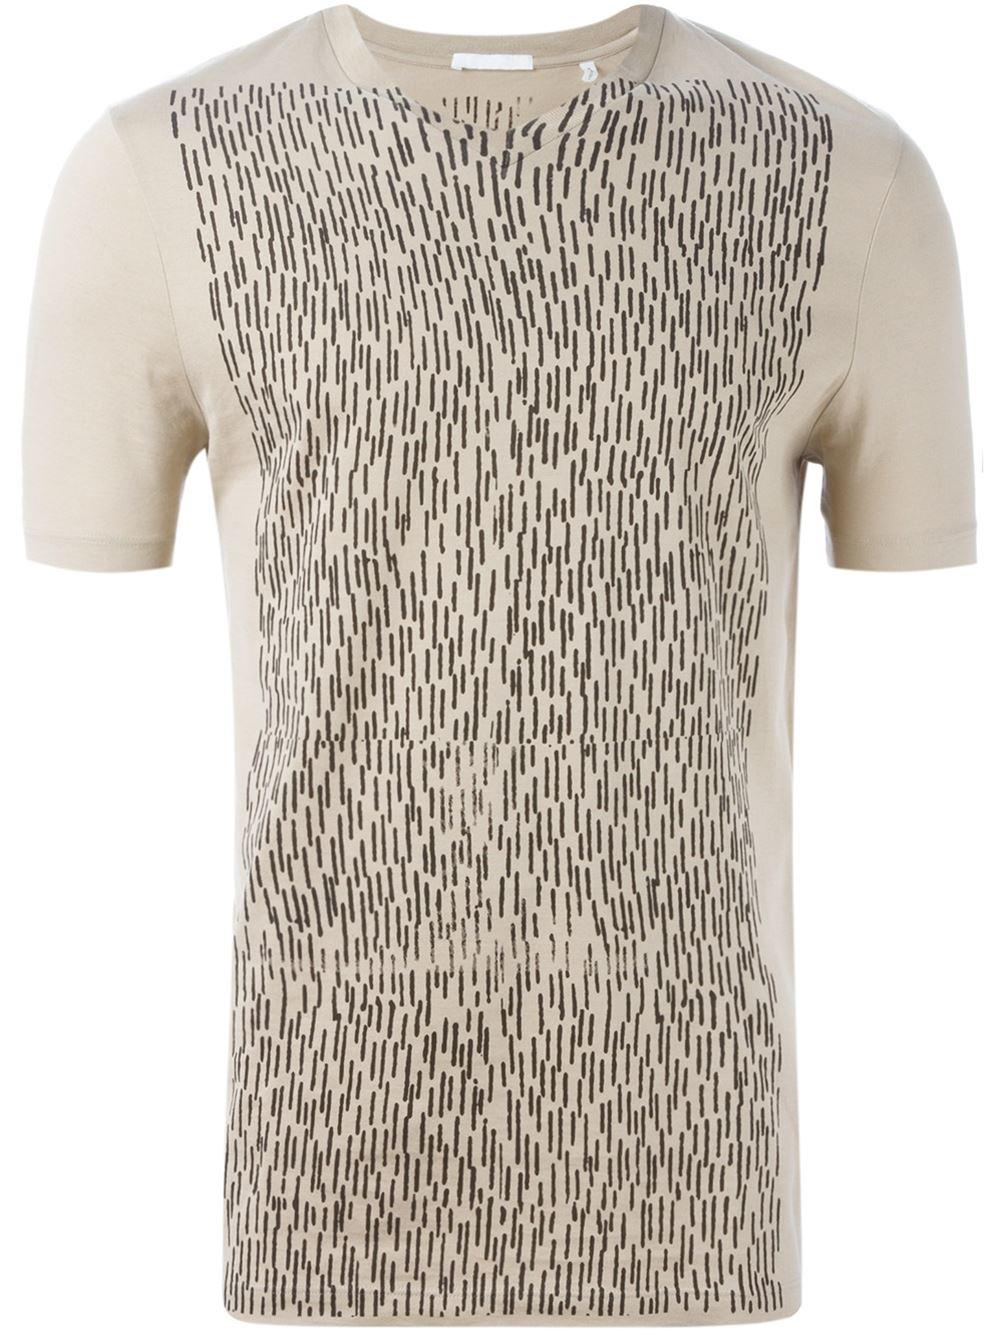 helmut lang front print t shirt in natural for men lyst. Black Bedroom Furniture Sets. Home Design Ideas